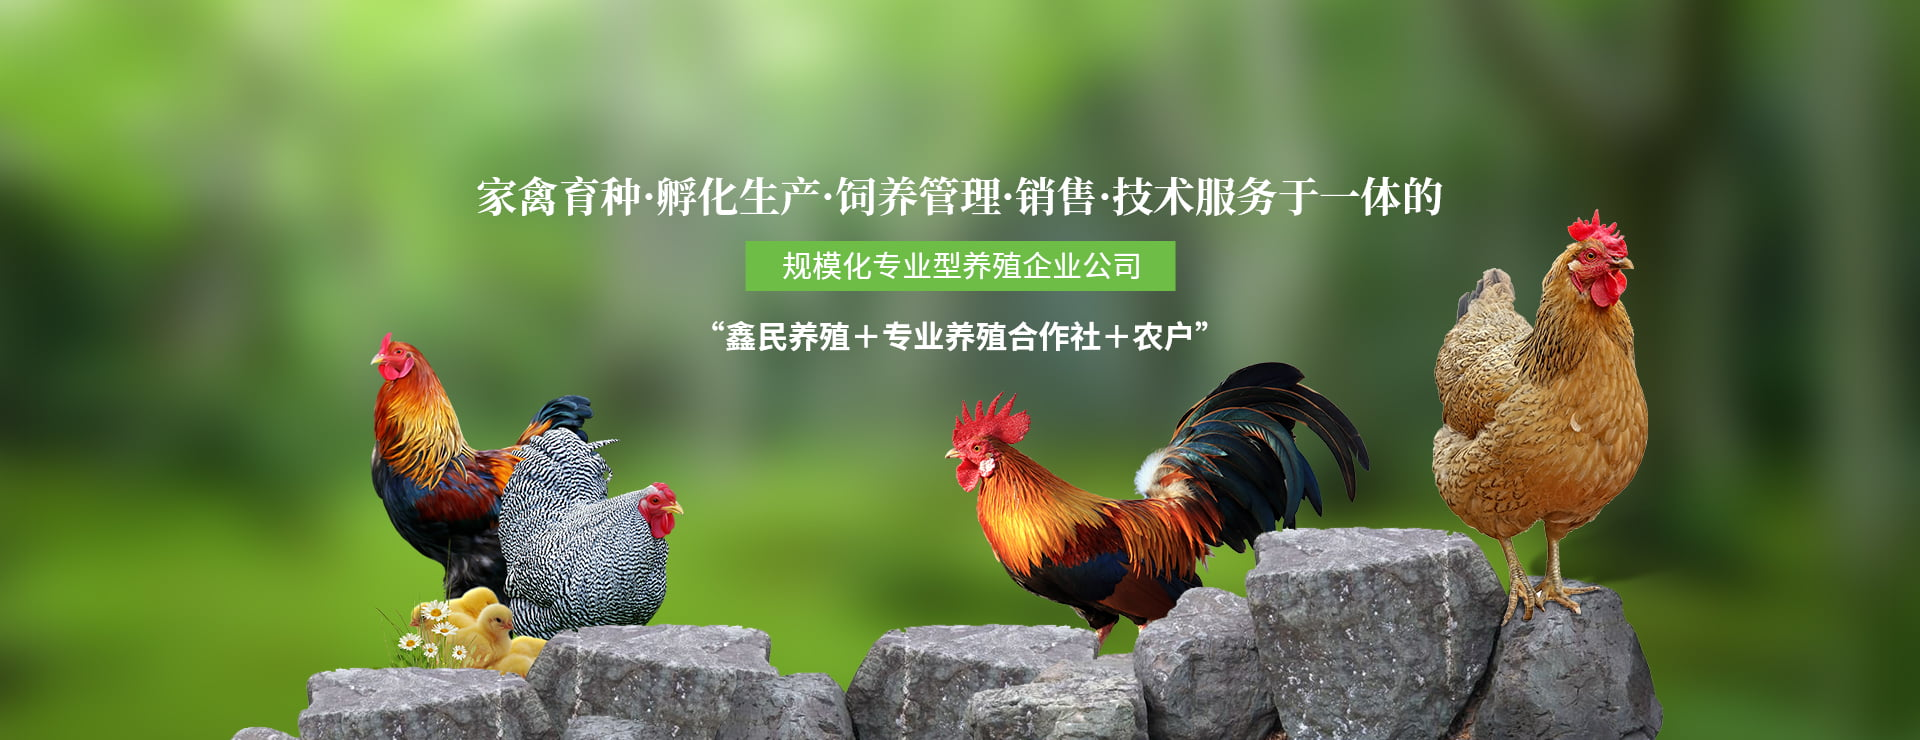 四川跑山鸡